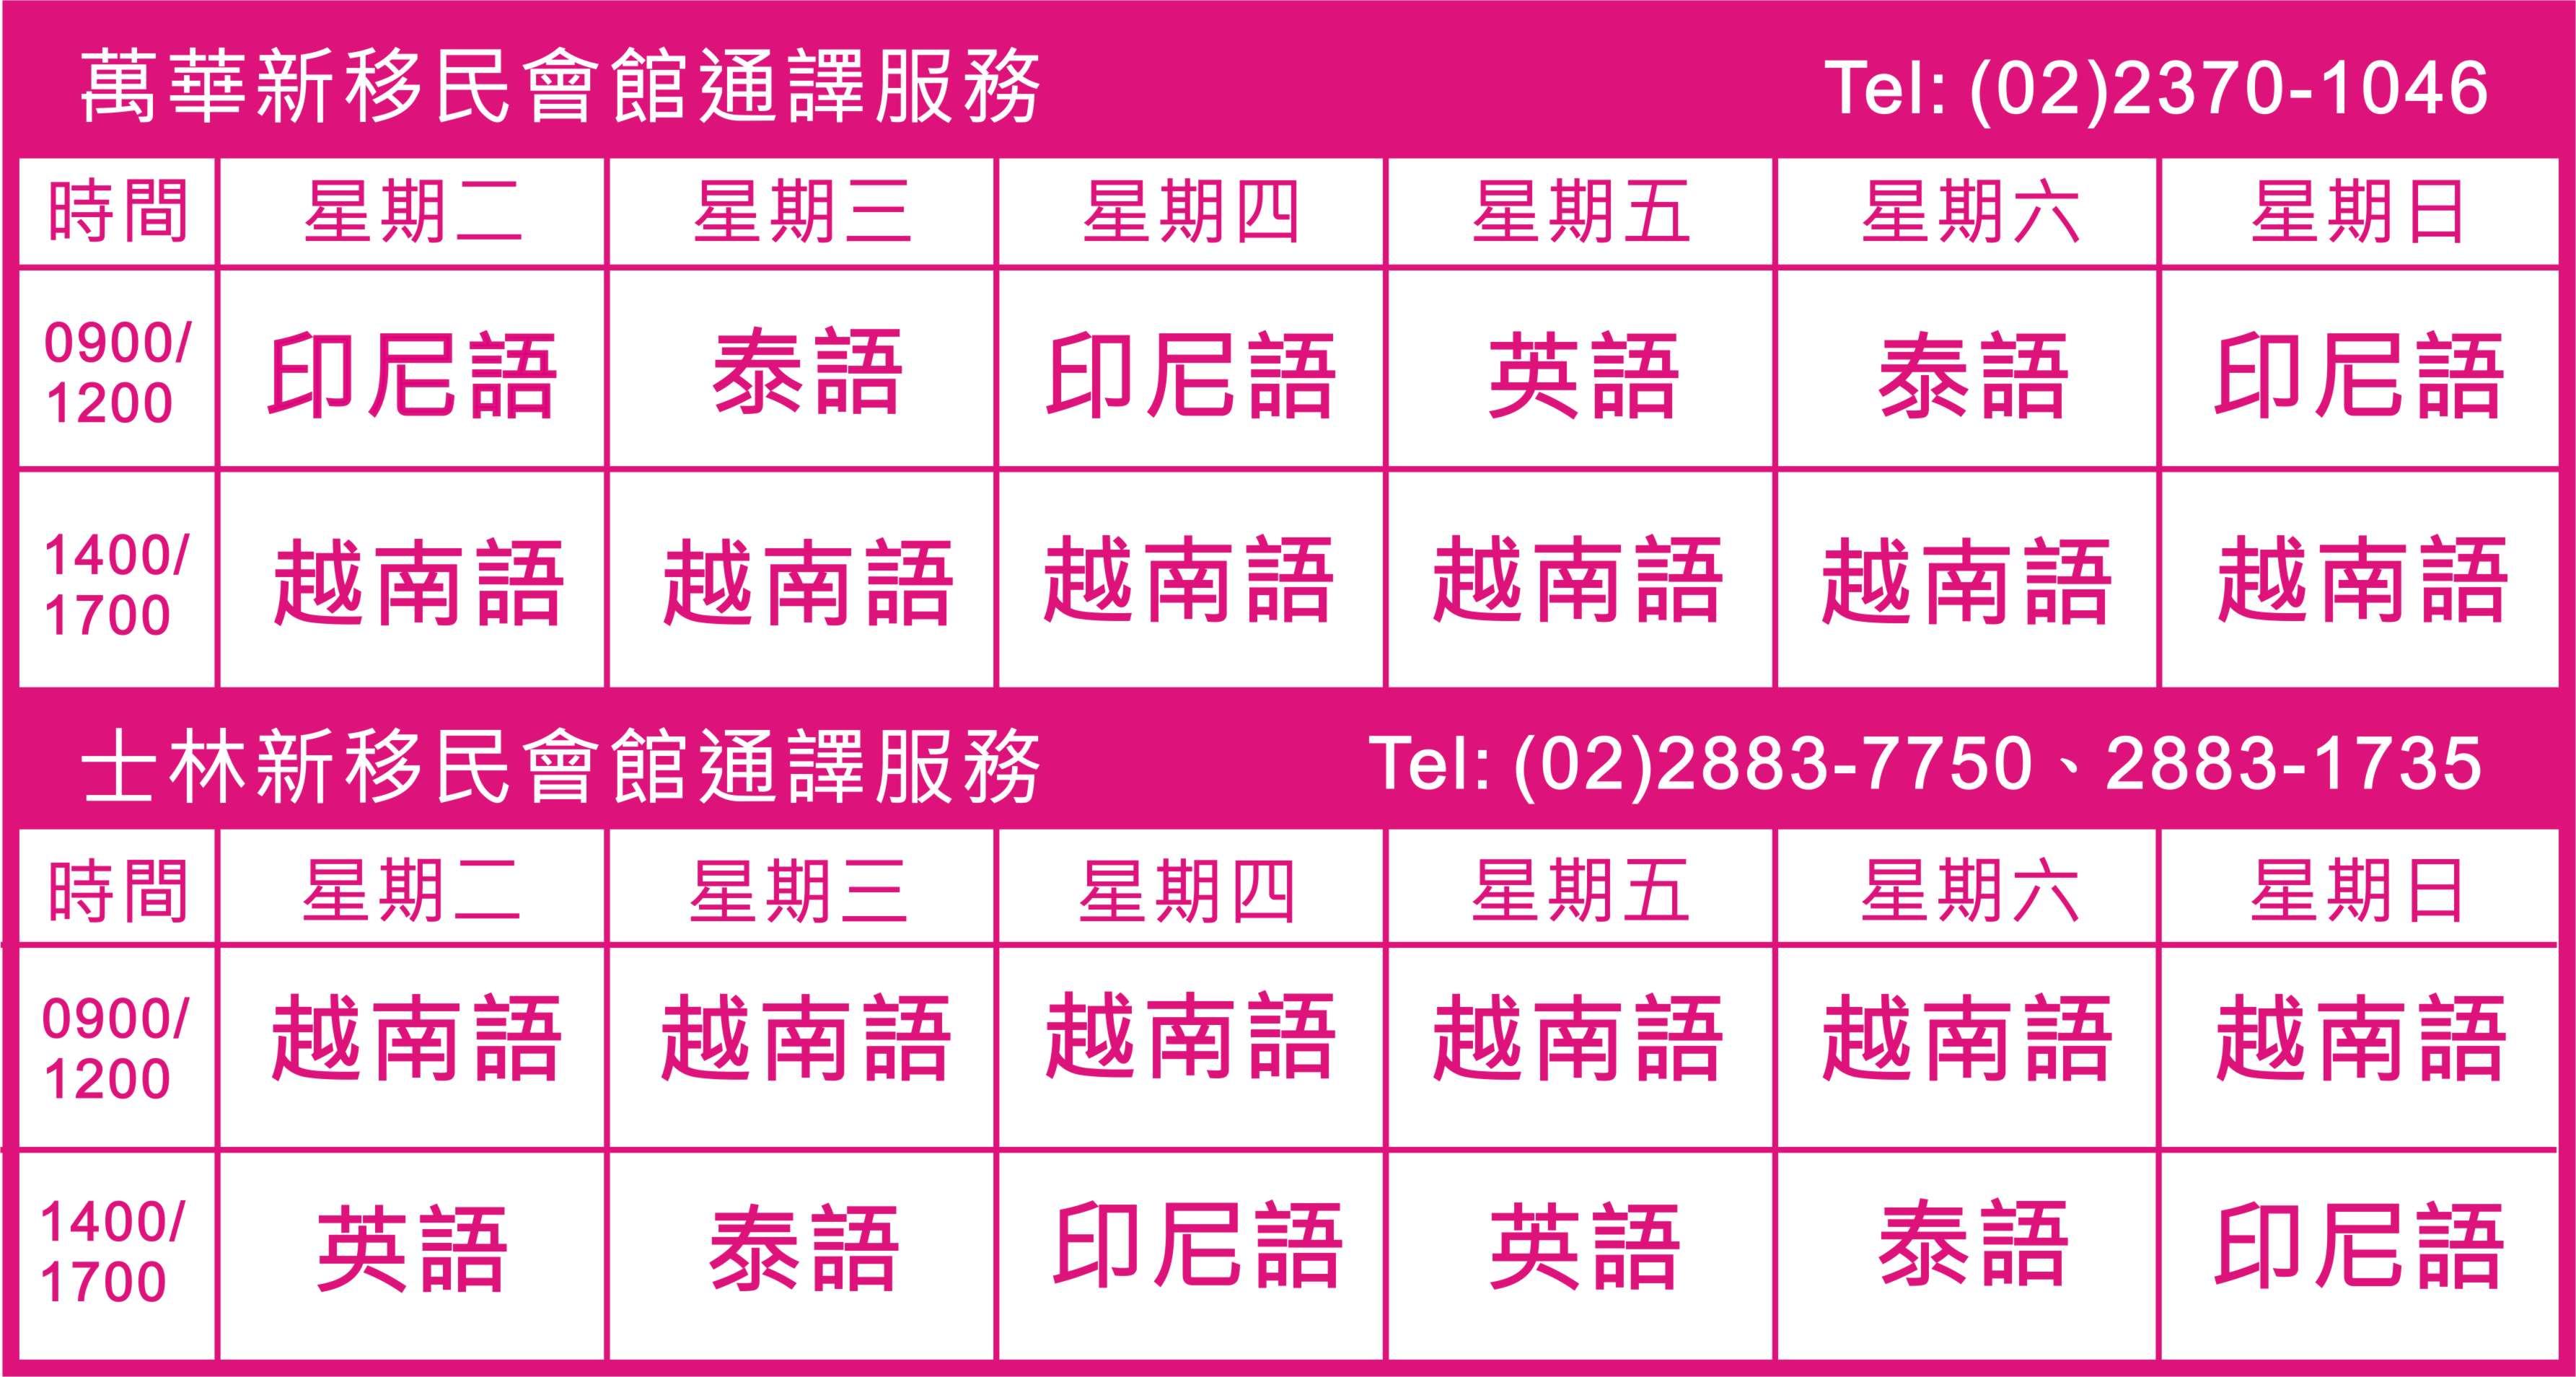 通譯服務時間中文